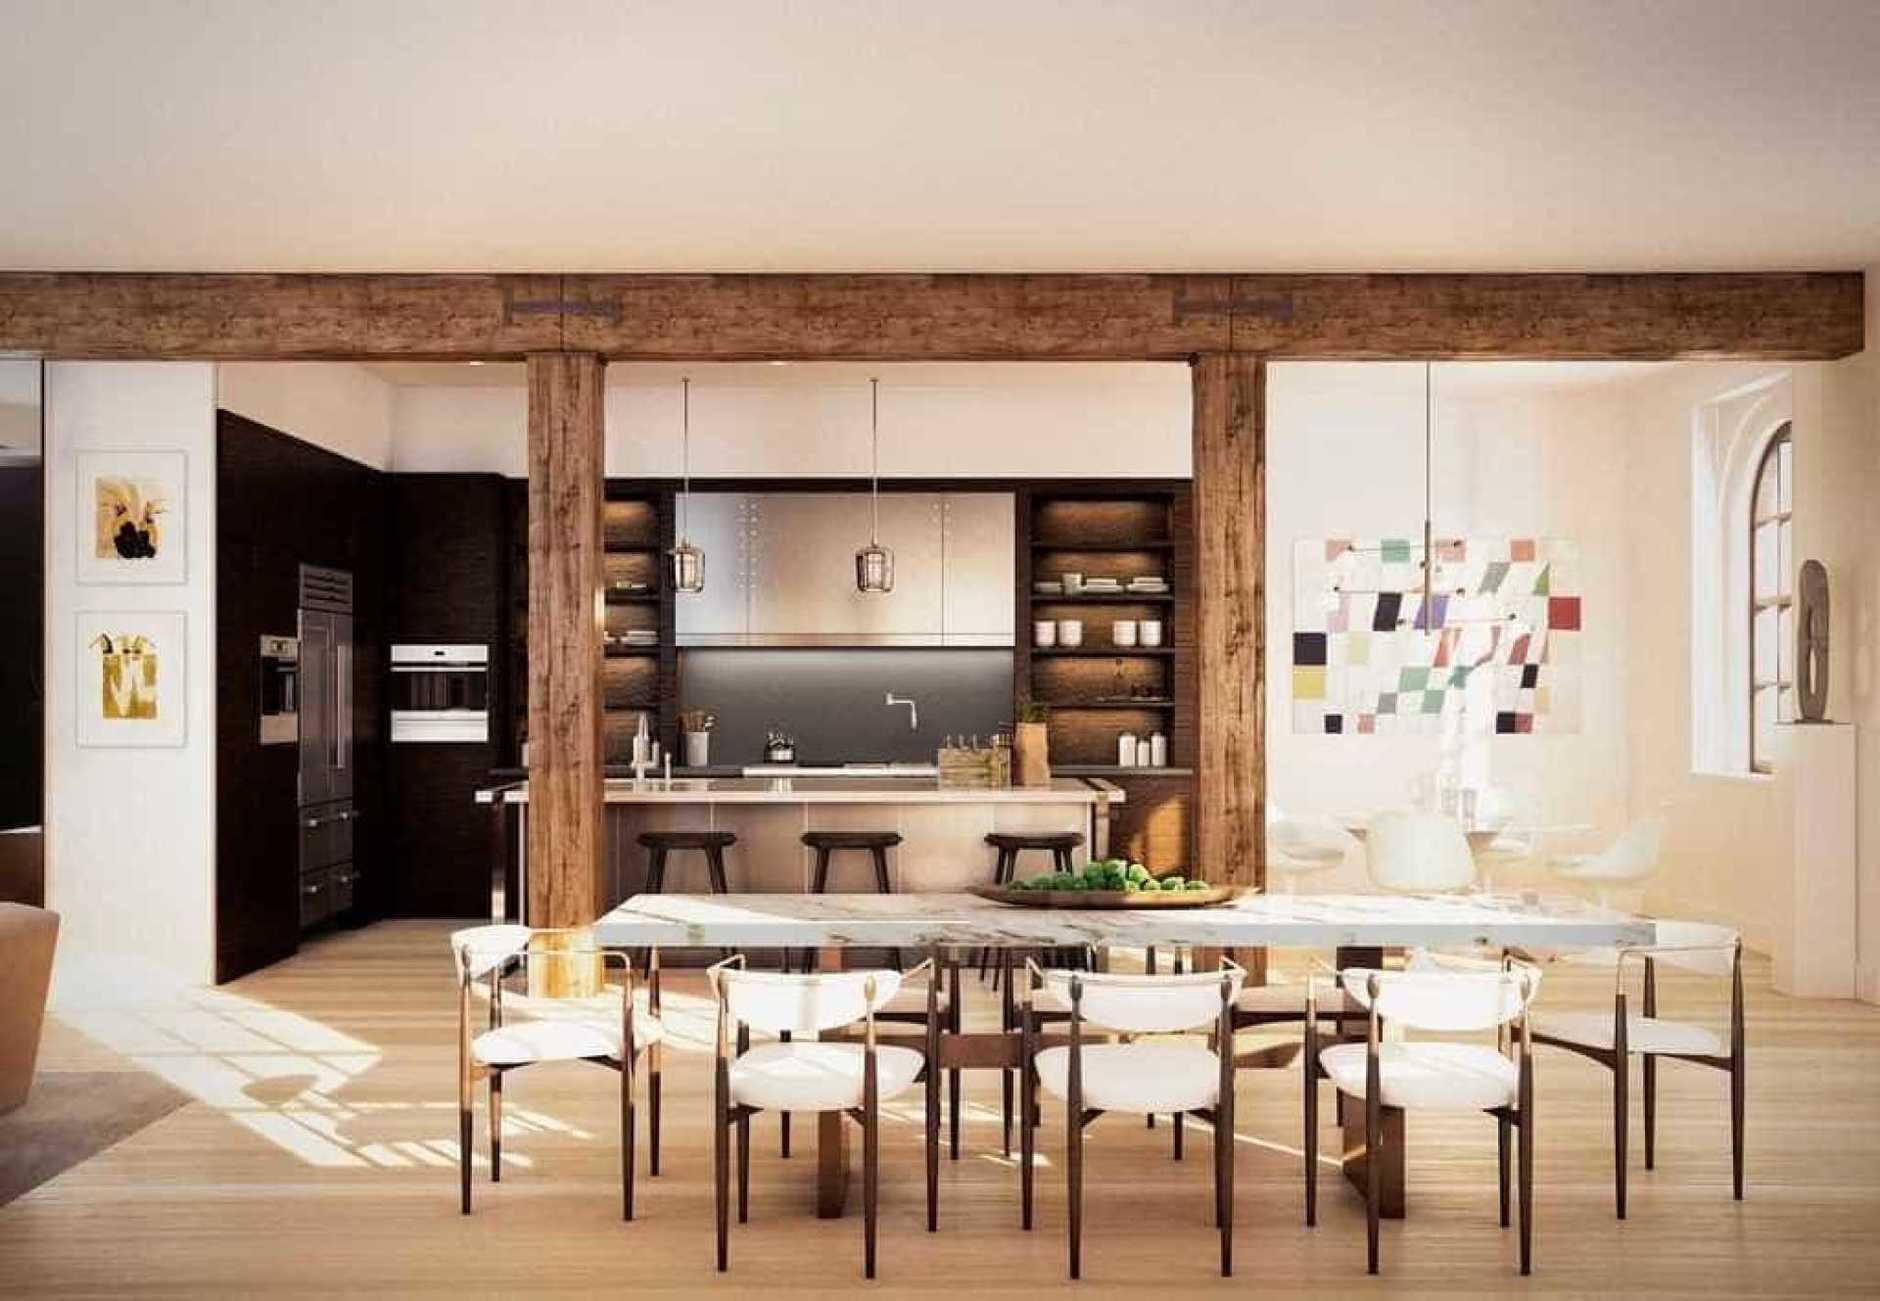 В гостях у звезды: новый пентхаус Джастина Тимберлейка в Нью-Йорке (галерея 4, фото 4)